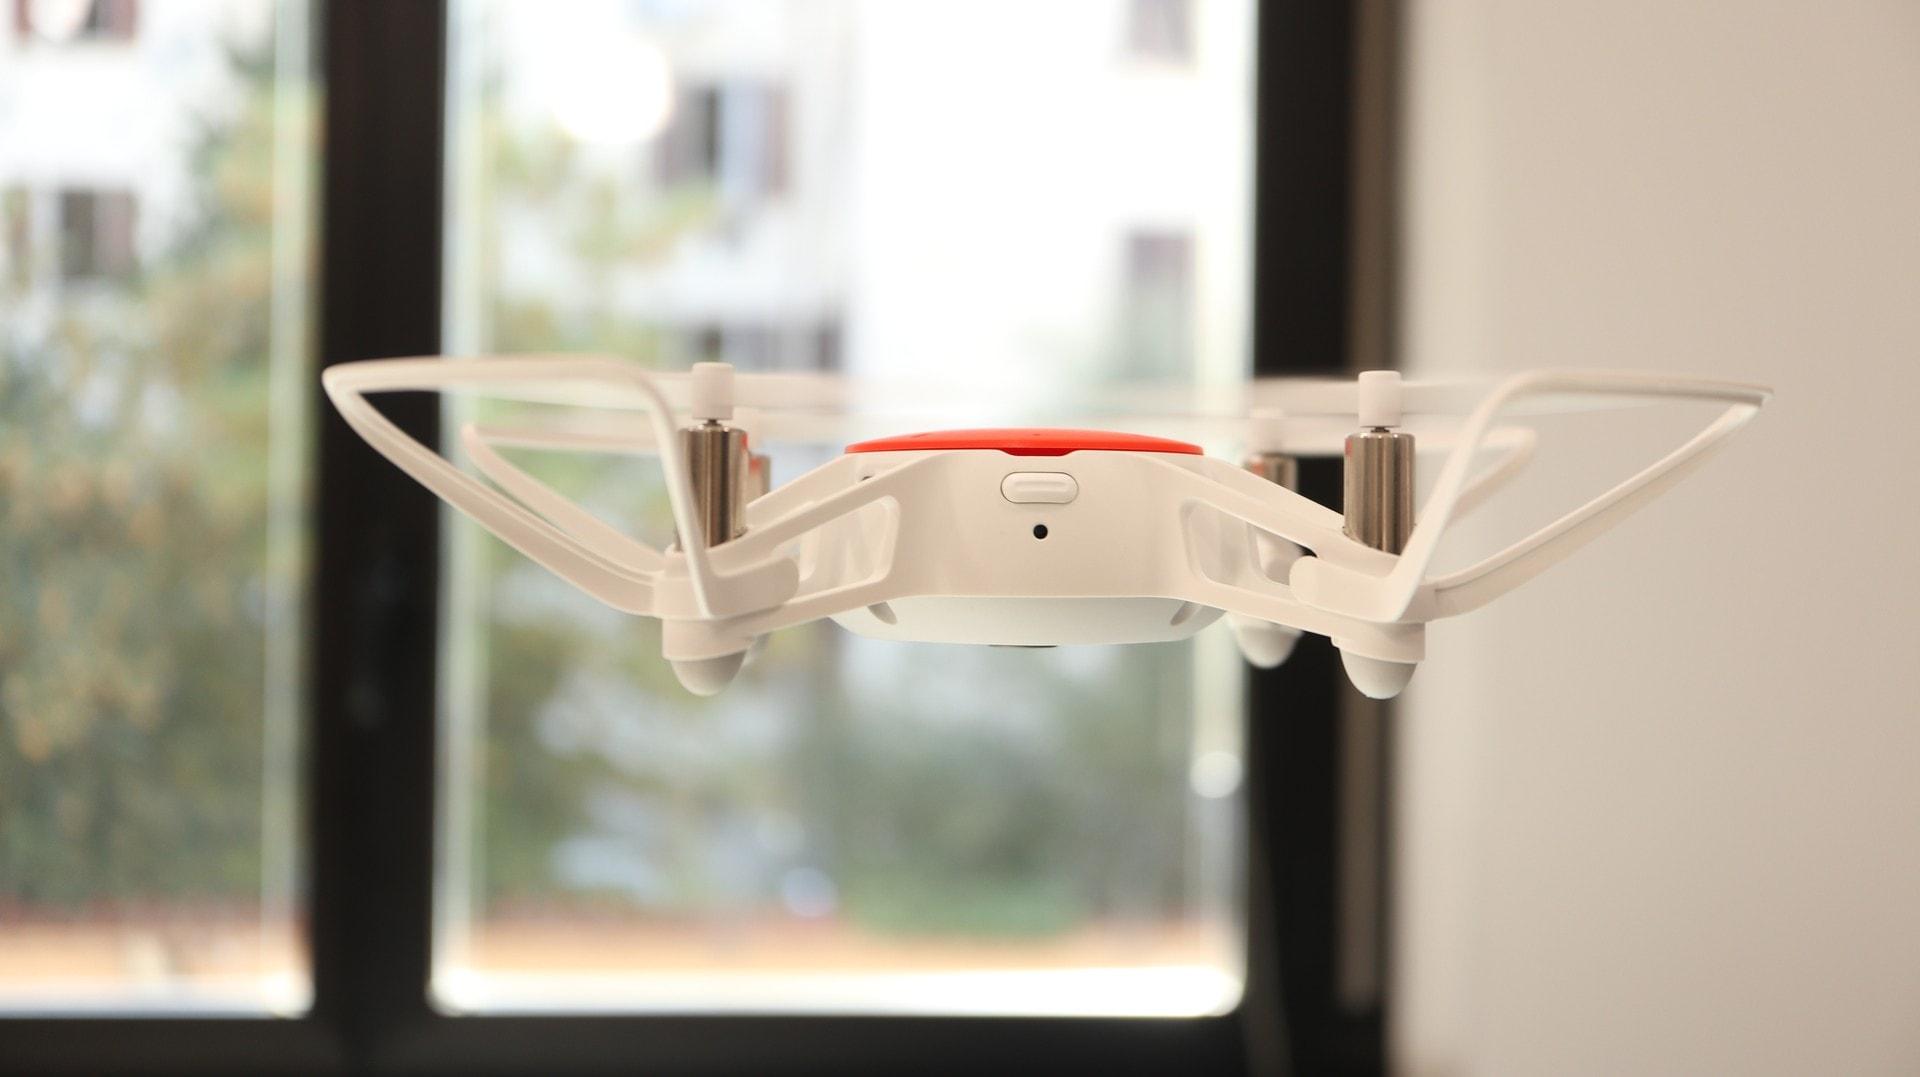 xiaomi mitu mini drone (8)